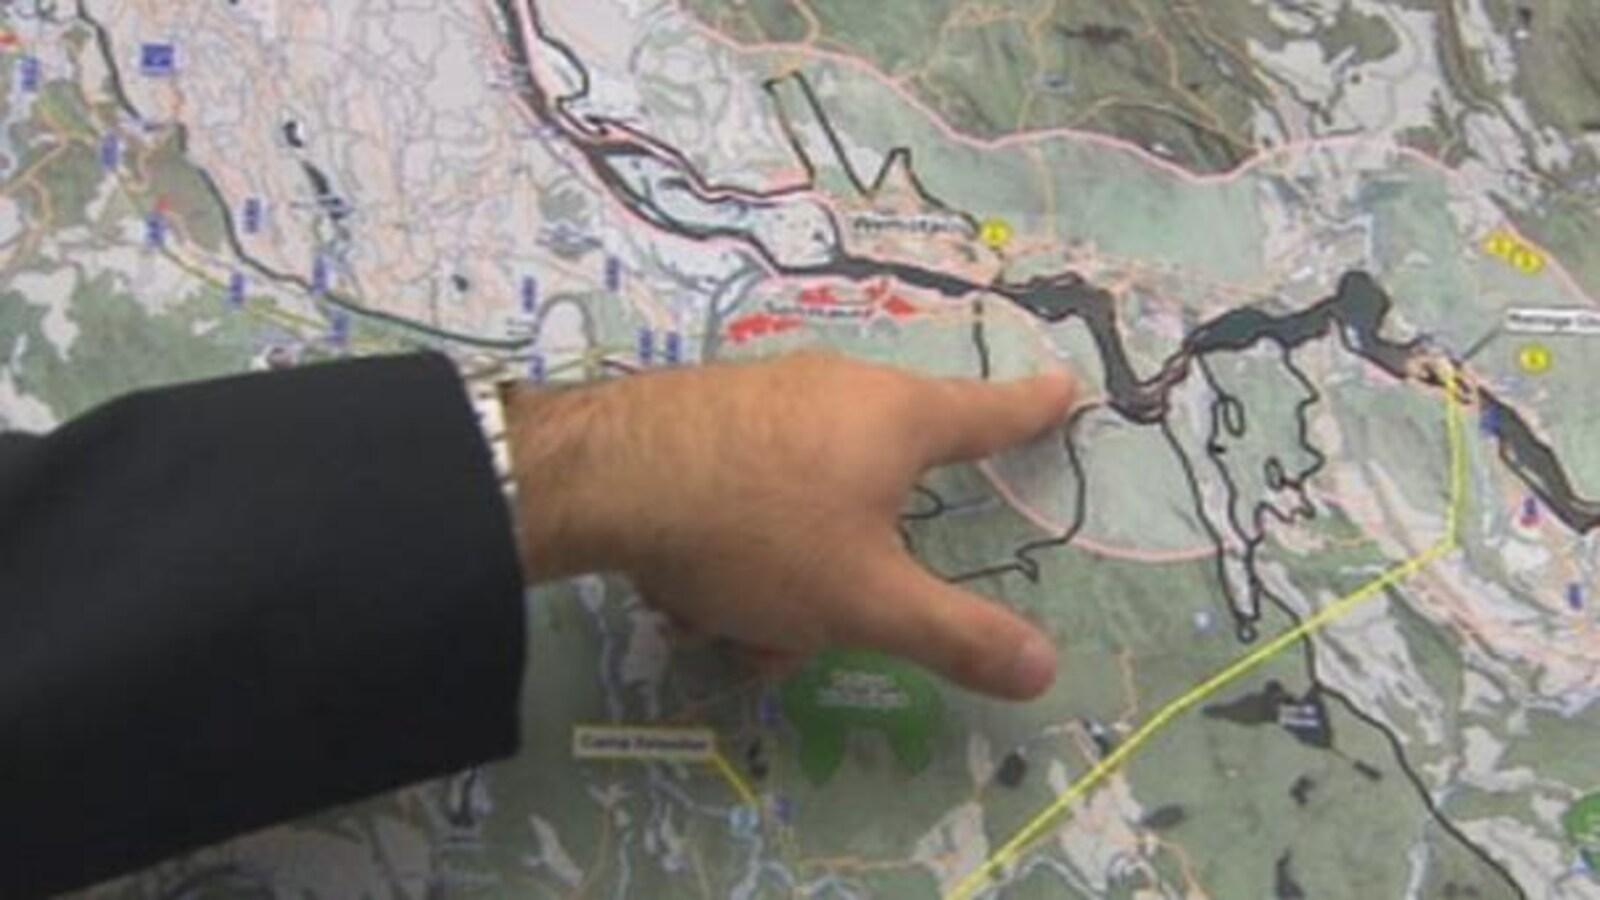 Une main pointe une rivière sur une carte.